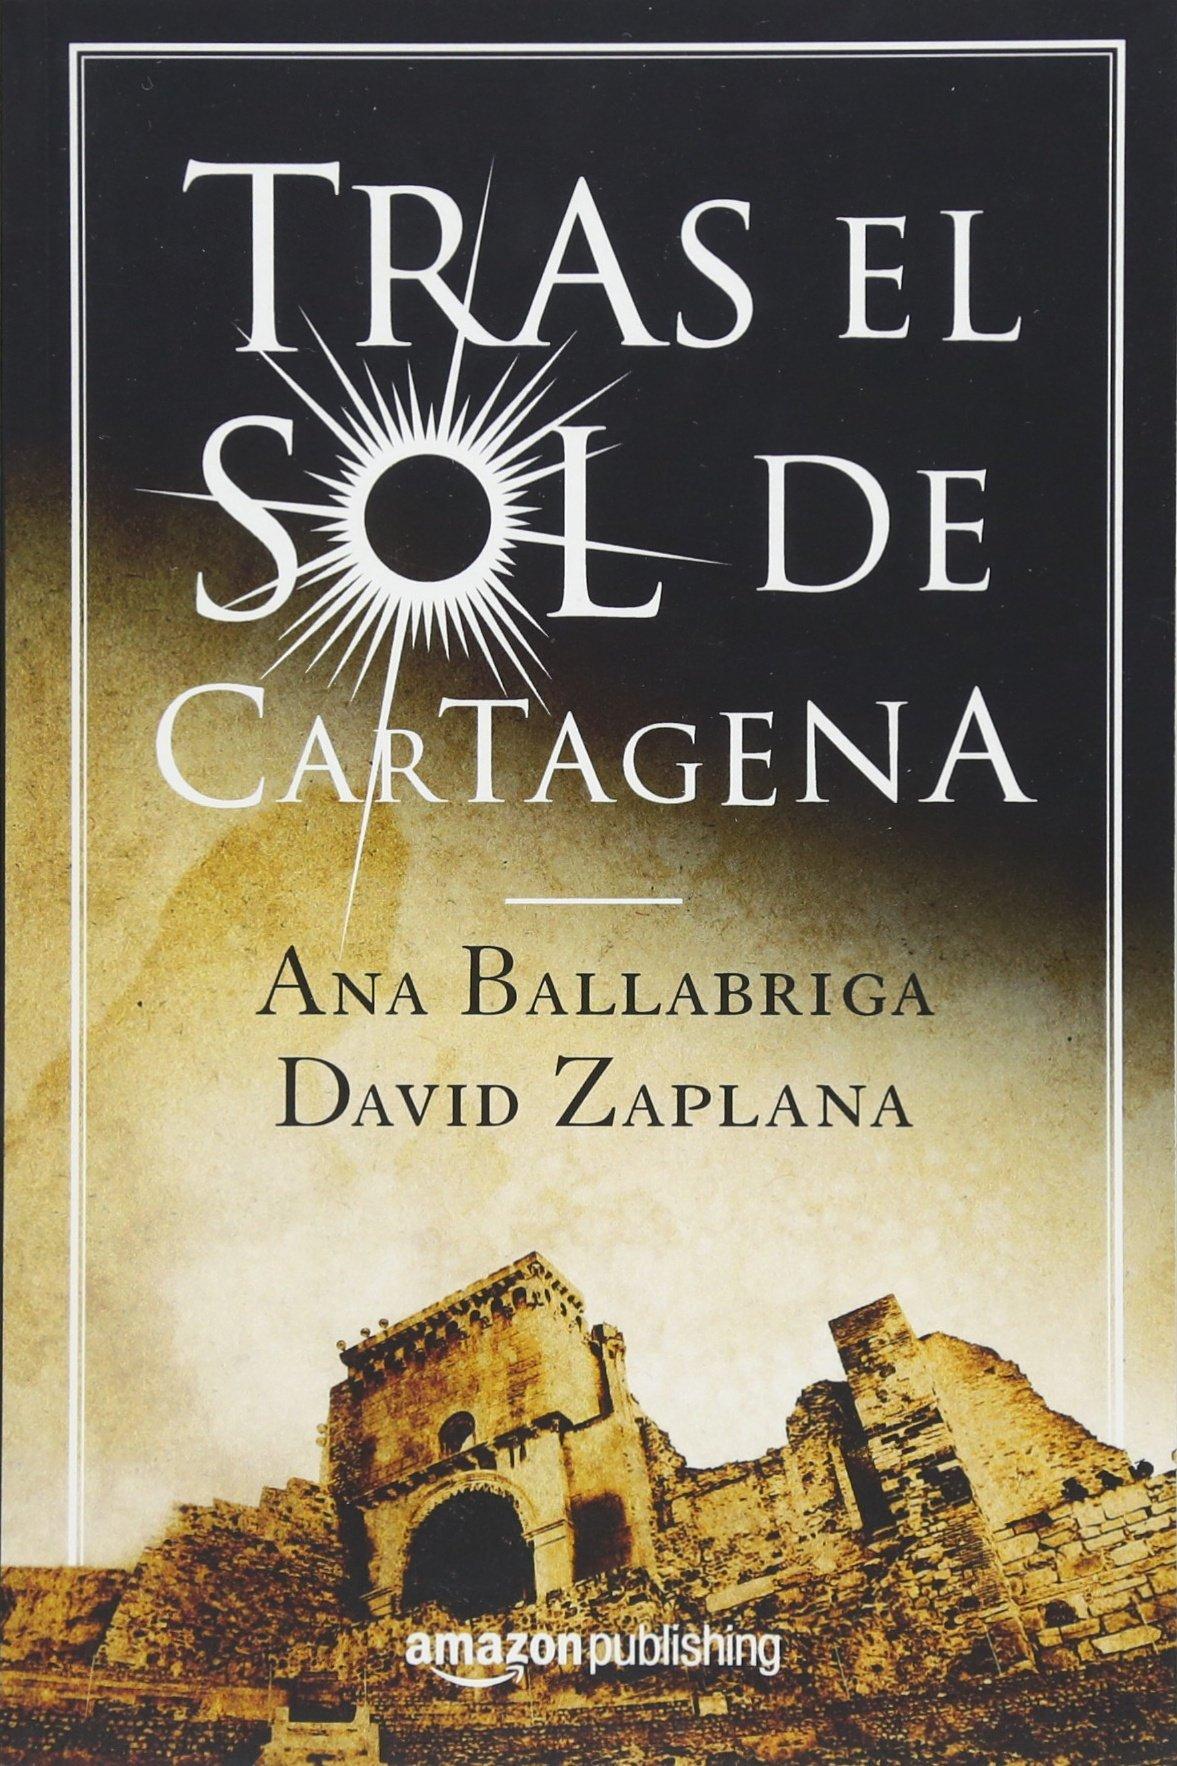 Tras el sol de Cartagena: Amazon.es: Ana Ballabriga, David Zaplana: Libros